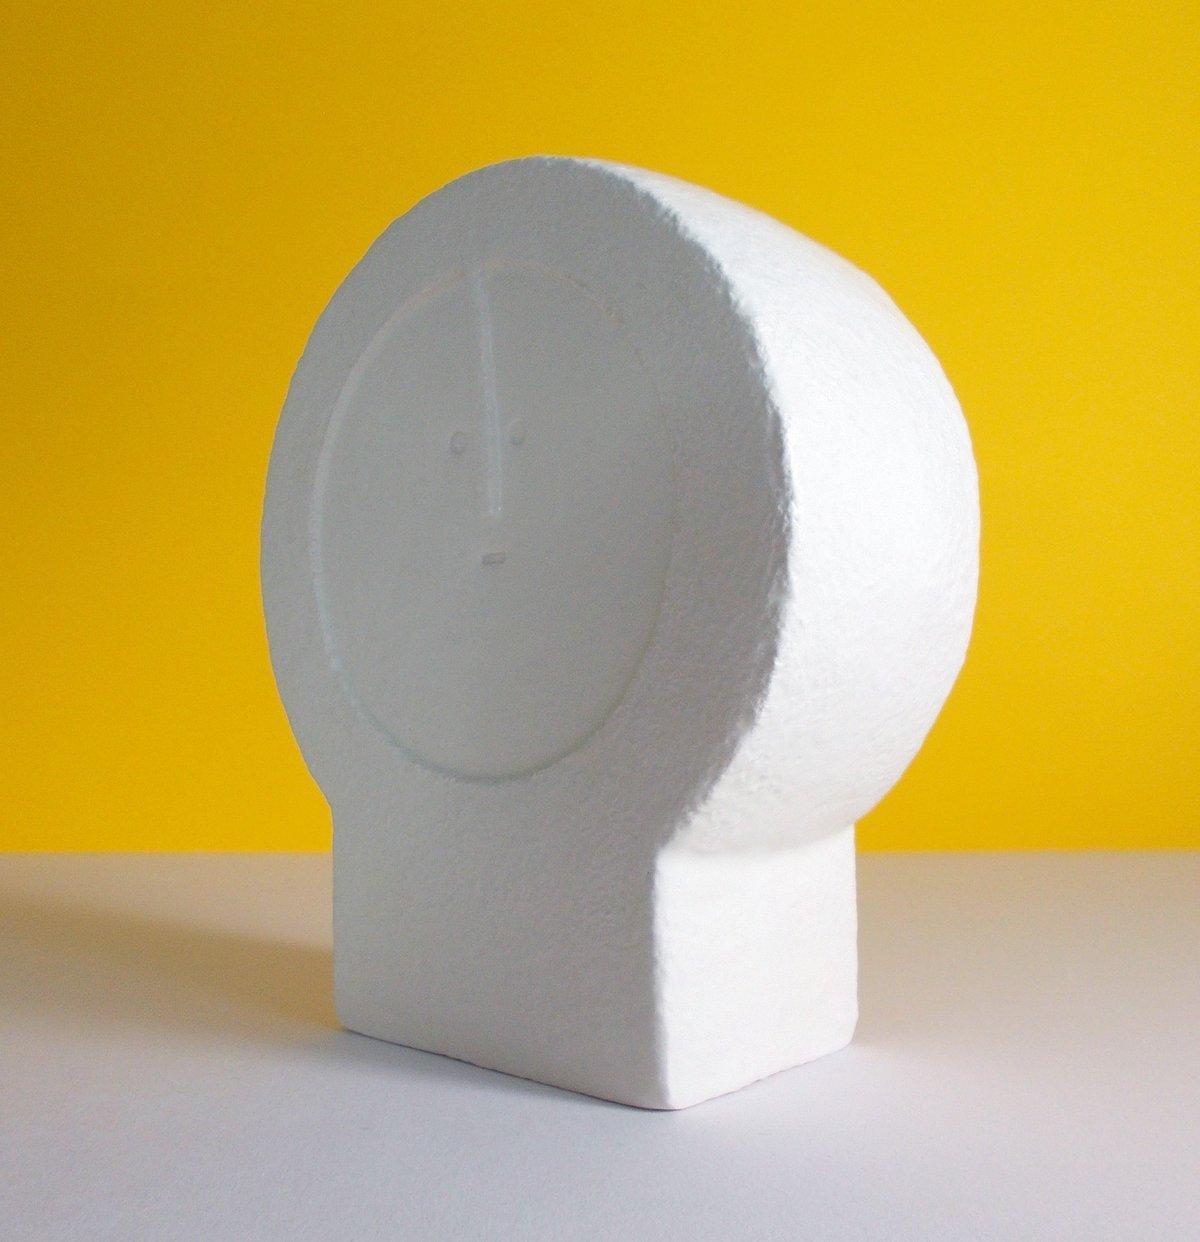 Image of Medium Head - Round Face - MH06